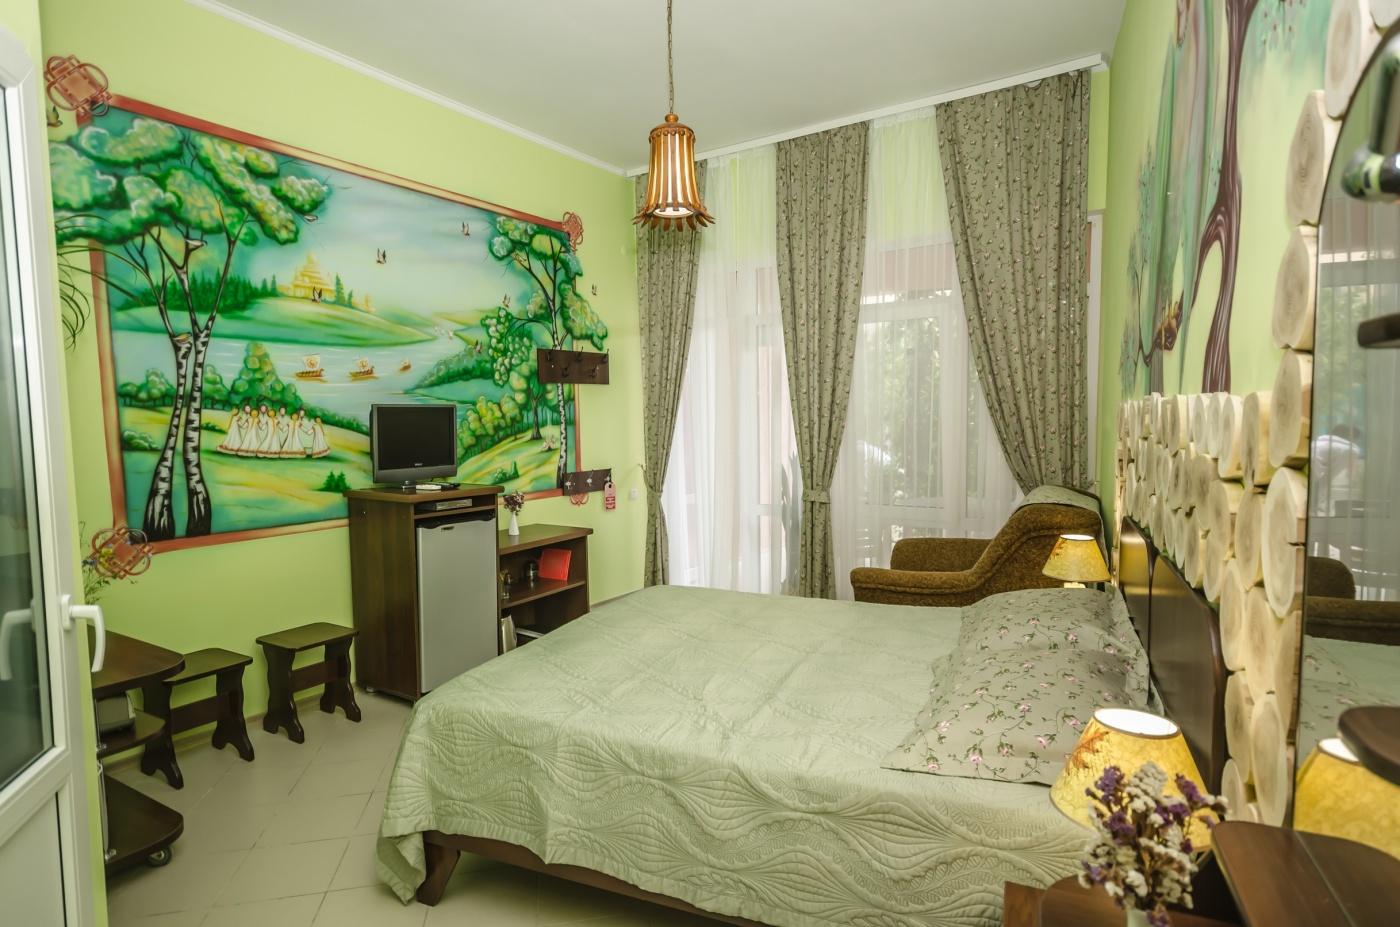 Гостевой дом «Гринвич» Республика Крым Стандарт в эко-стиле, фото 3